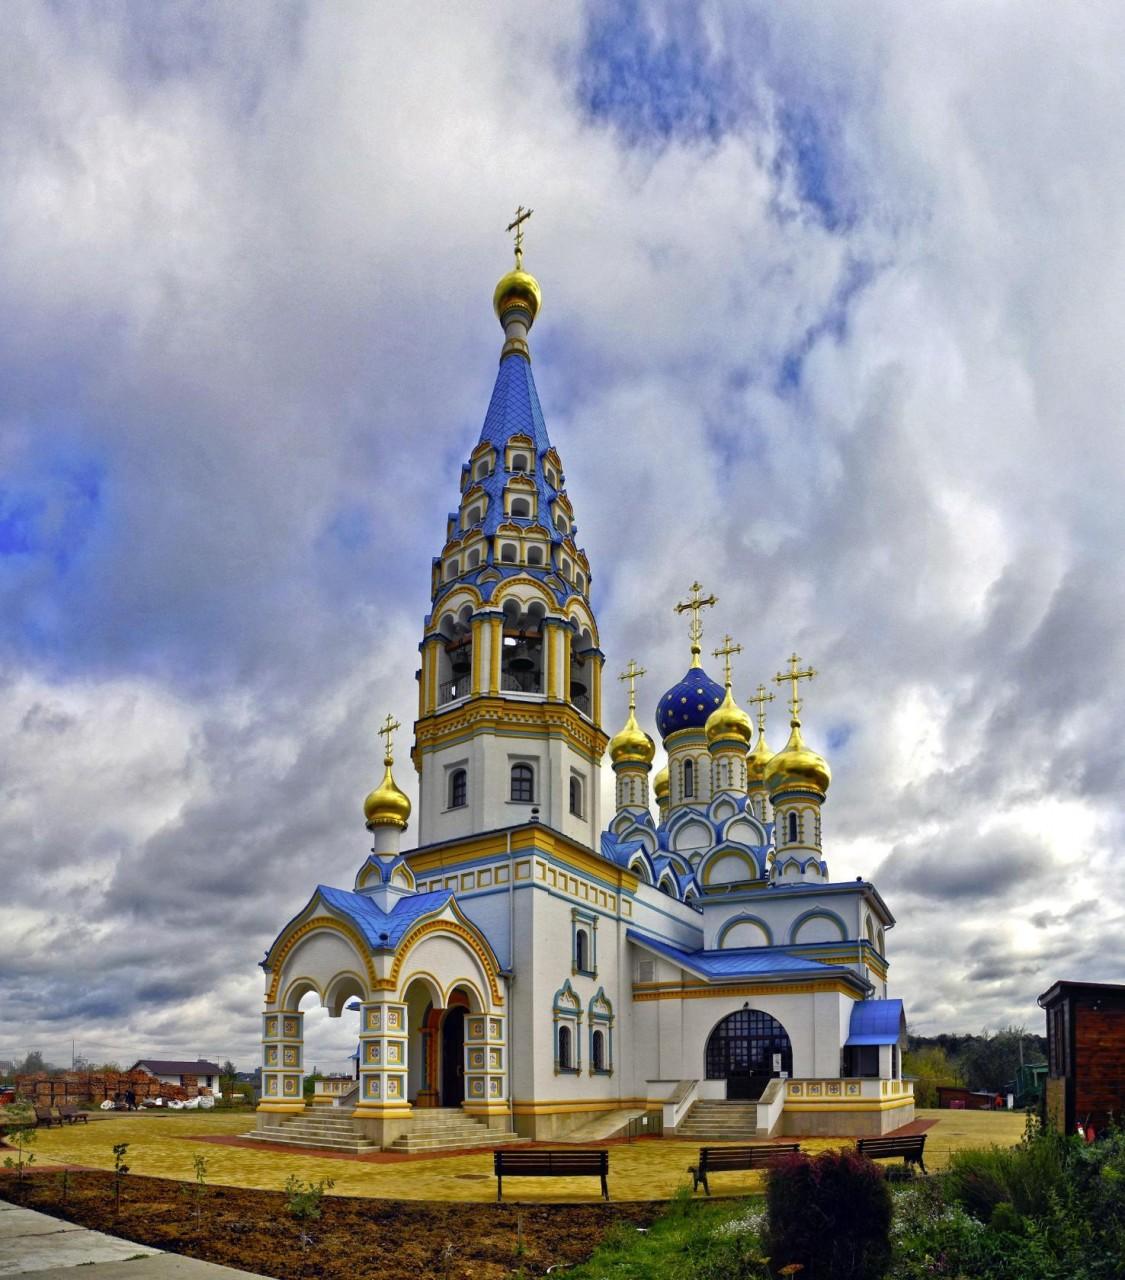 В РПЦ предложили восстанавливать храмы в вымерших деревнях